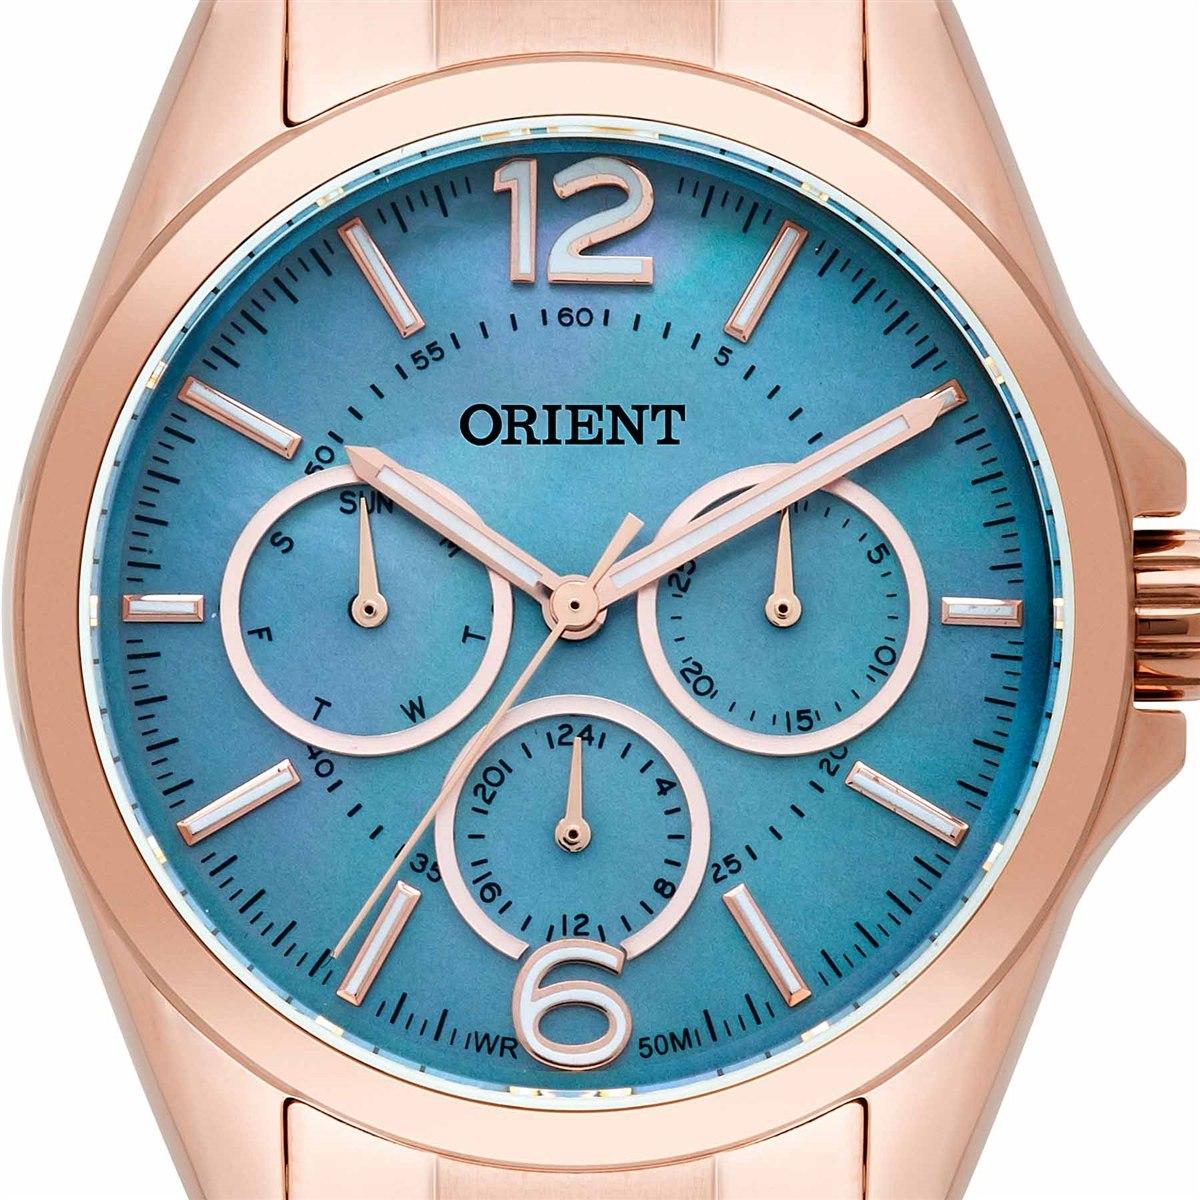 Relógio Orient Analógico Feminino Rose Frssm022 G2rx Multifu - R ... 877df528ce